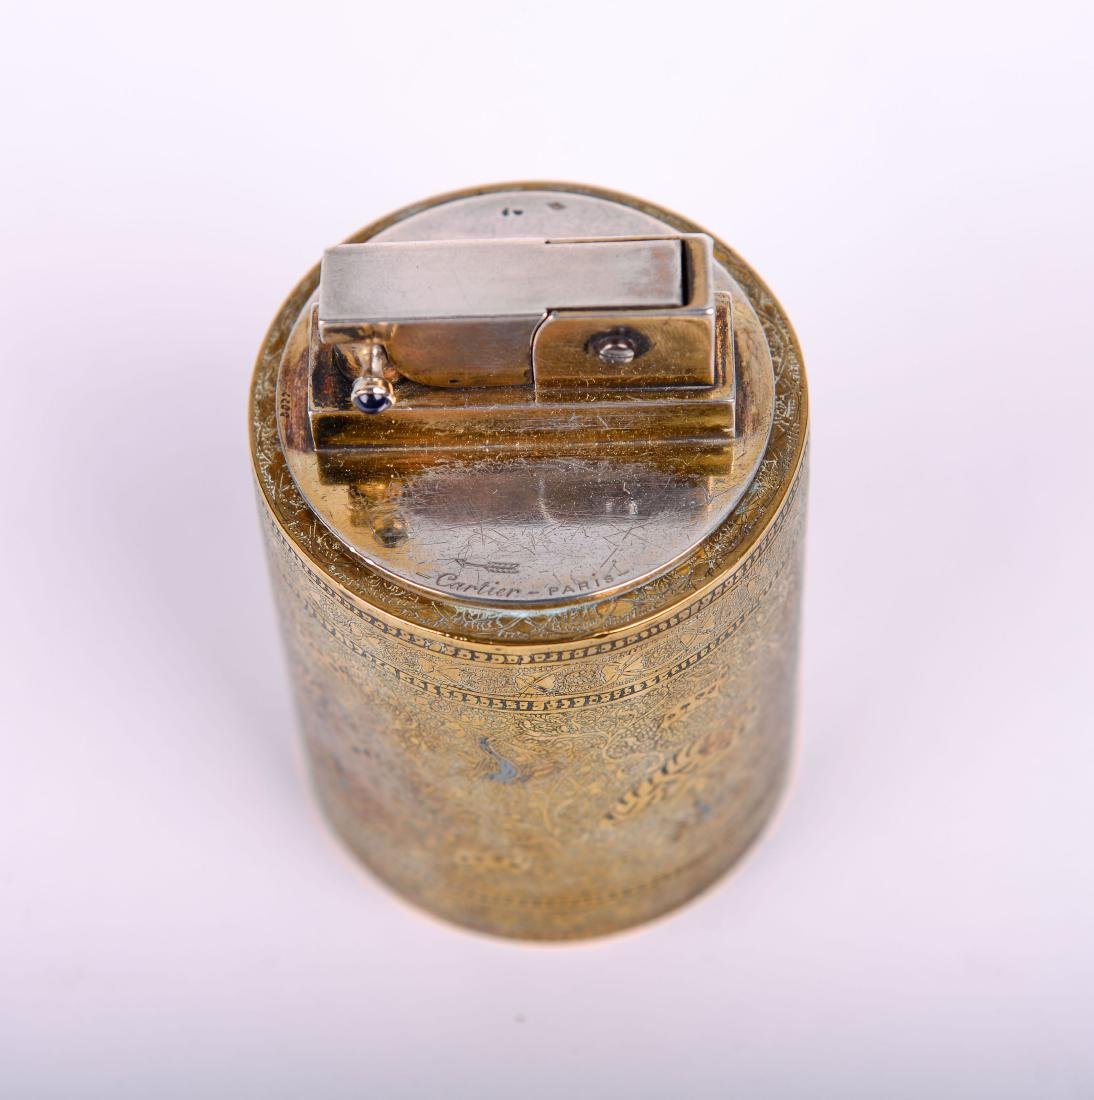 Cartier Paris Lighter with Persian Motif - 5